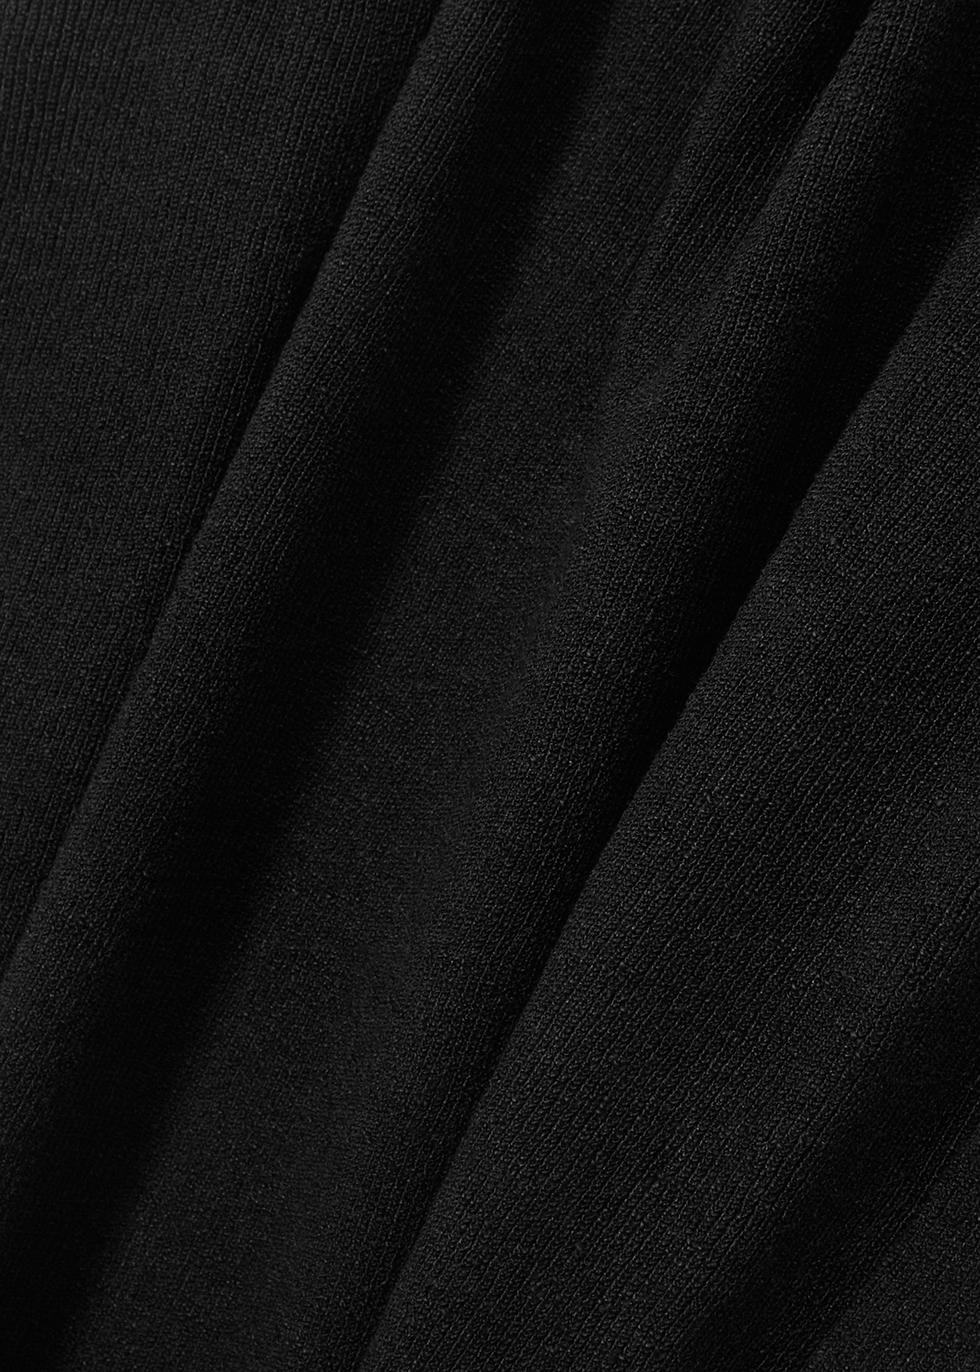 Black knitted linen-blend jumper - EILEEN FISHER